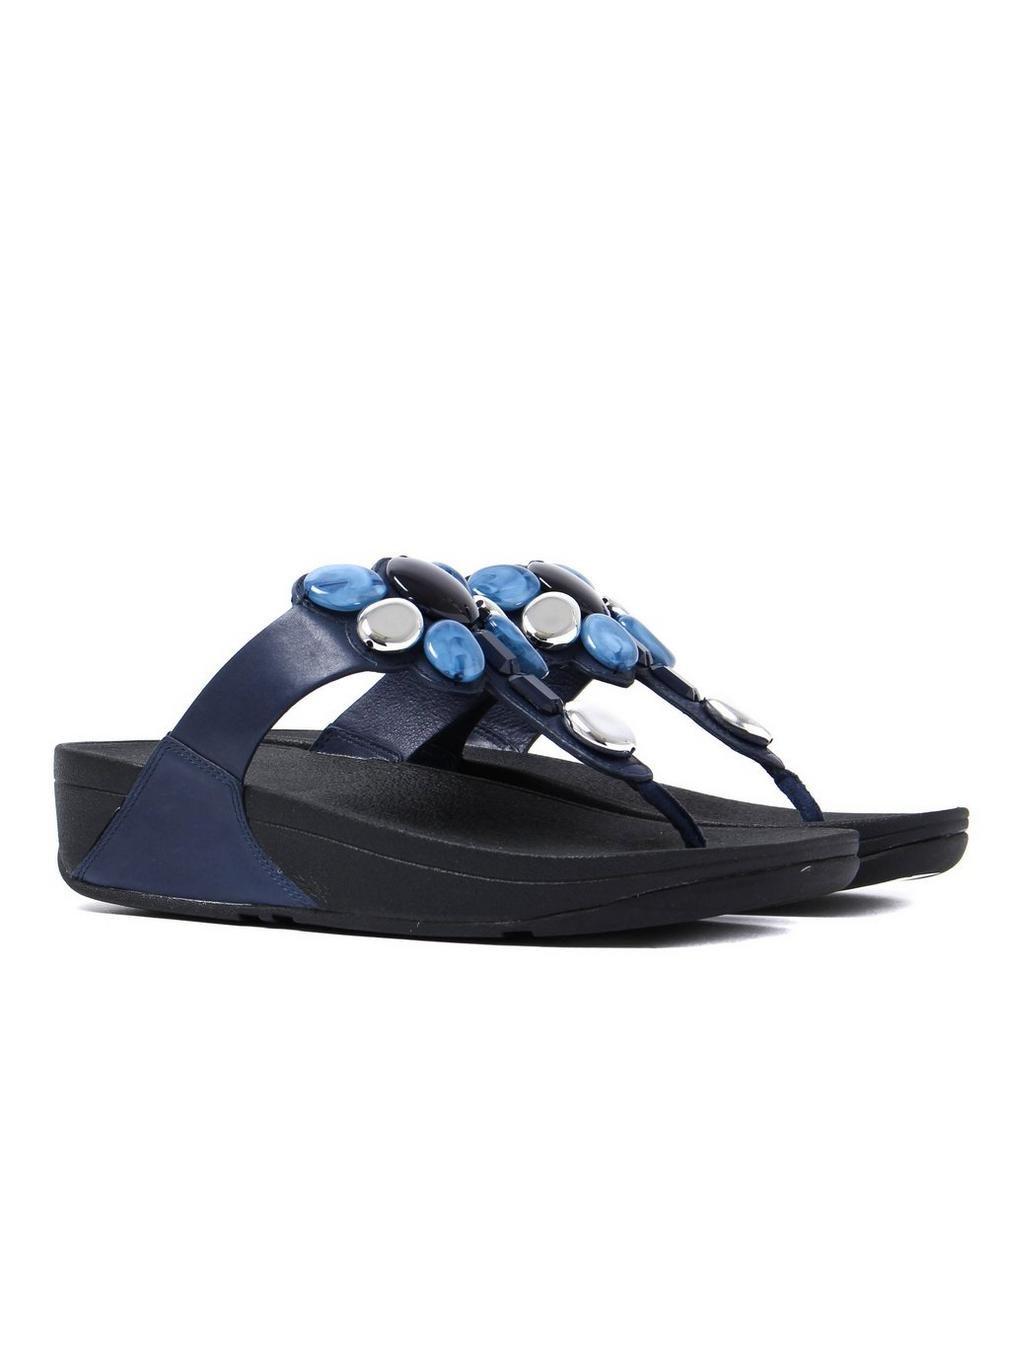 FitFlop Damen Honeybee Toe-Thong Zehentrenner, Schwarz Marineblau Marineblau Schwarz e0a00f